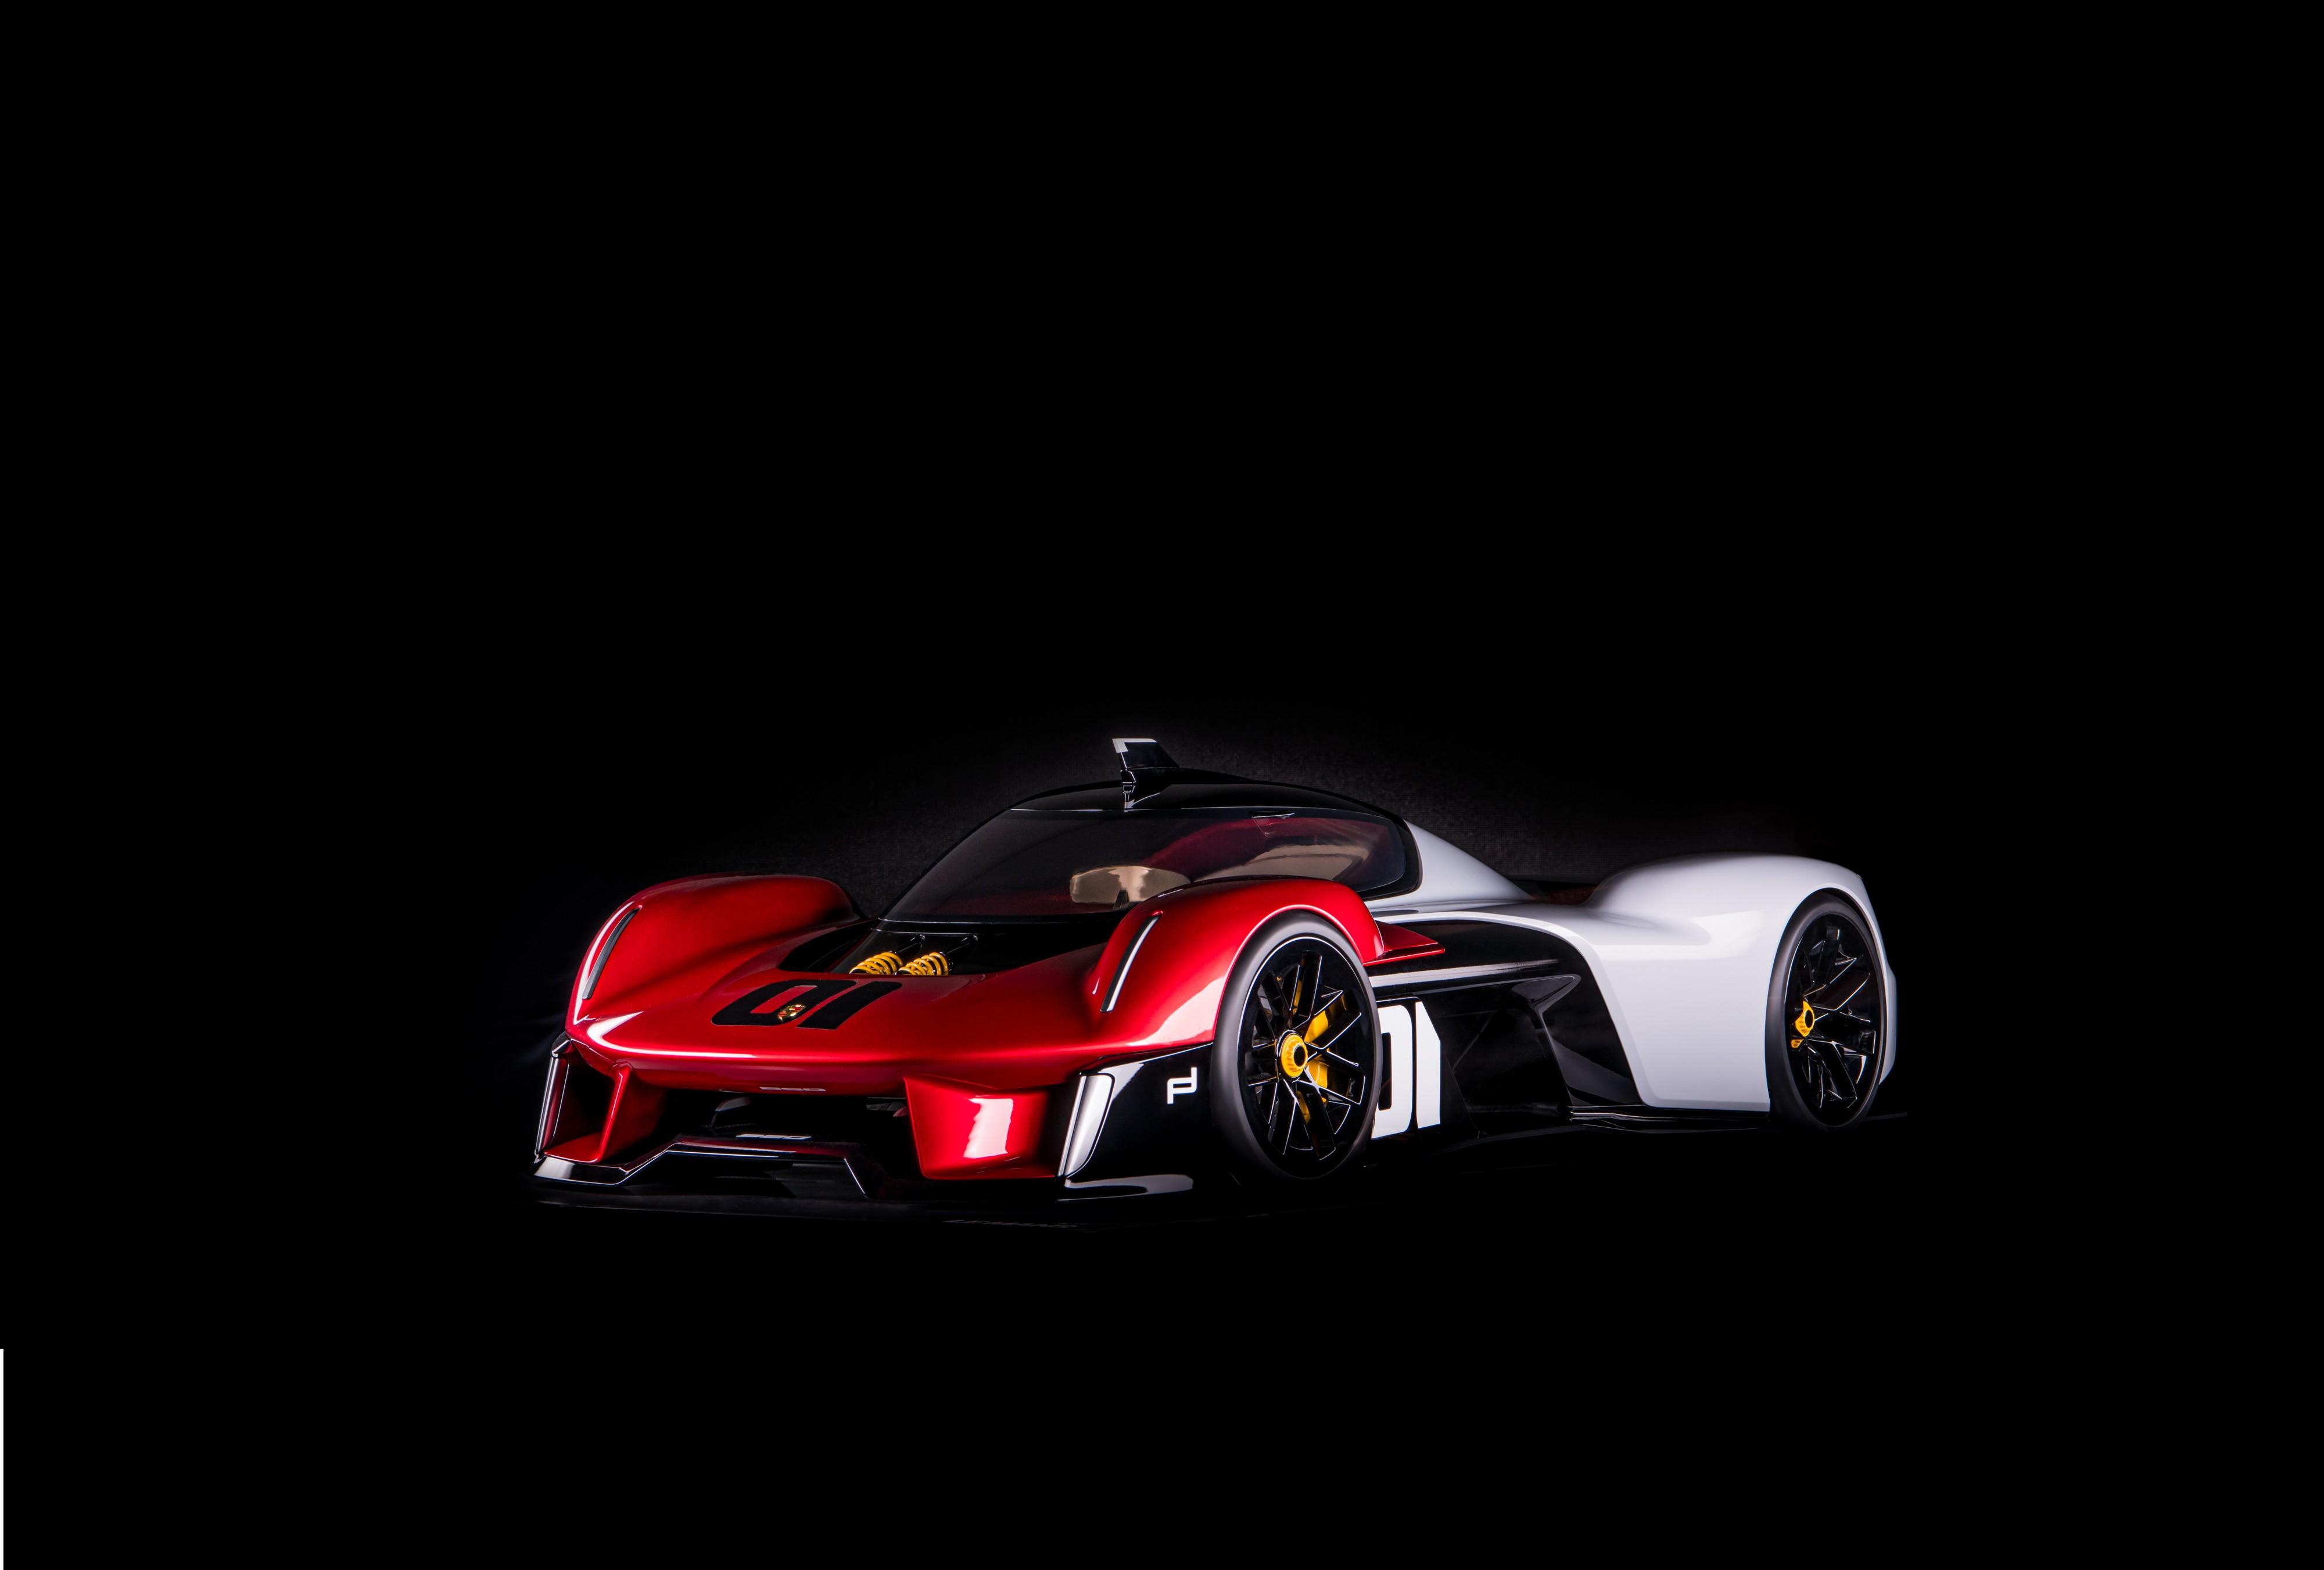 Porsche-Vision-920-1